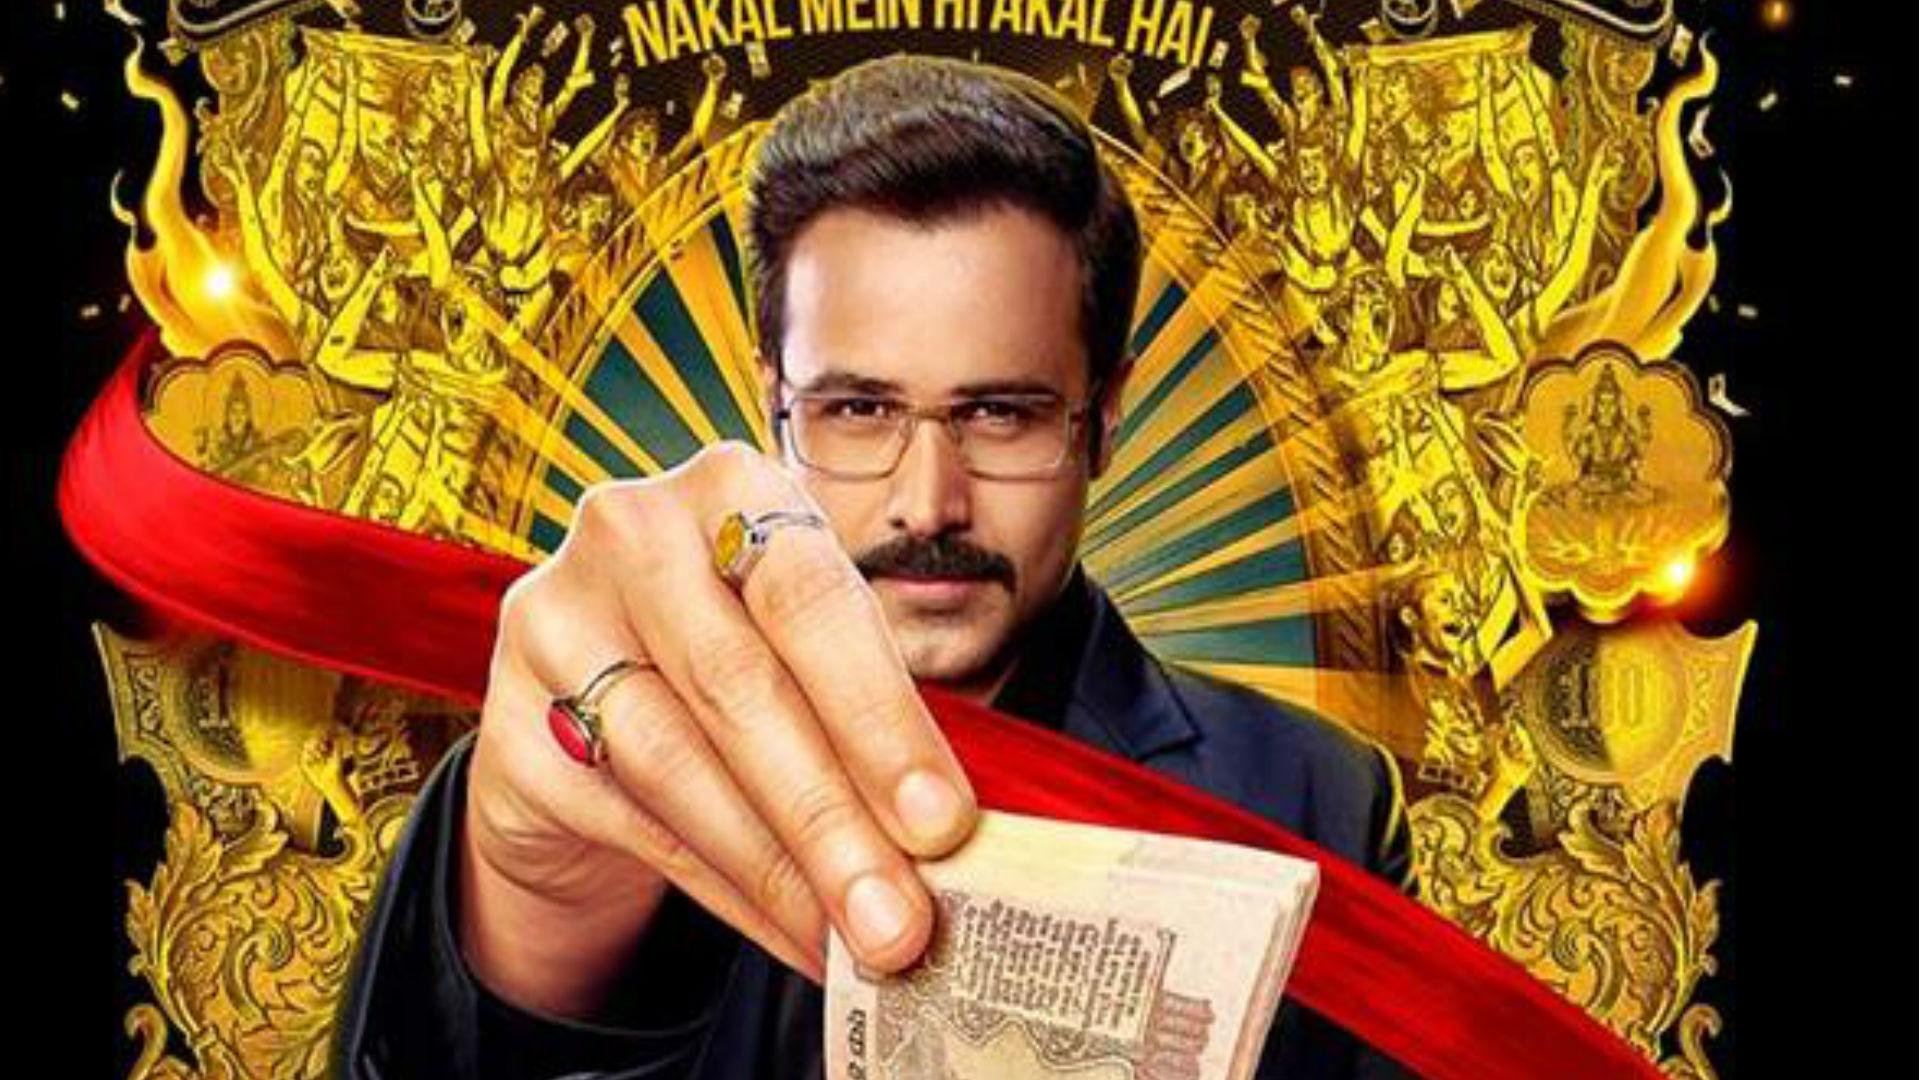 व्हाई चीट इंडिया फिल्म रिव्यू: दमदार एक्टिंग से एजुकेशन सिस्टम पर चोट करते नजर आए इमरान हाशमी